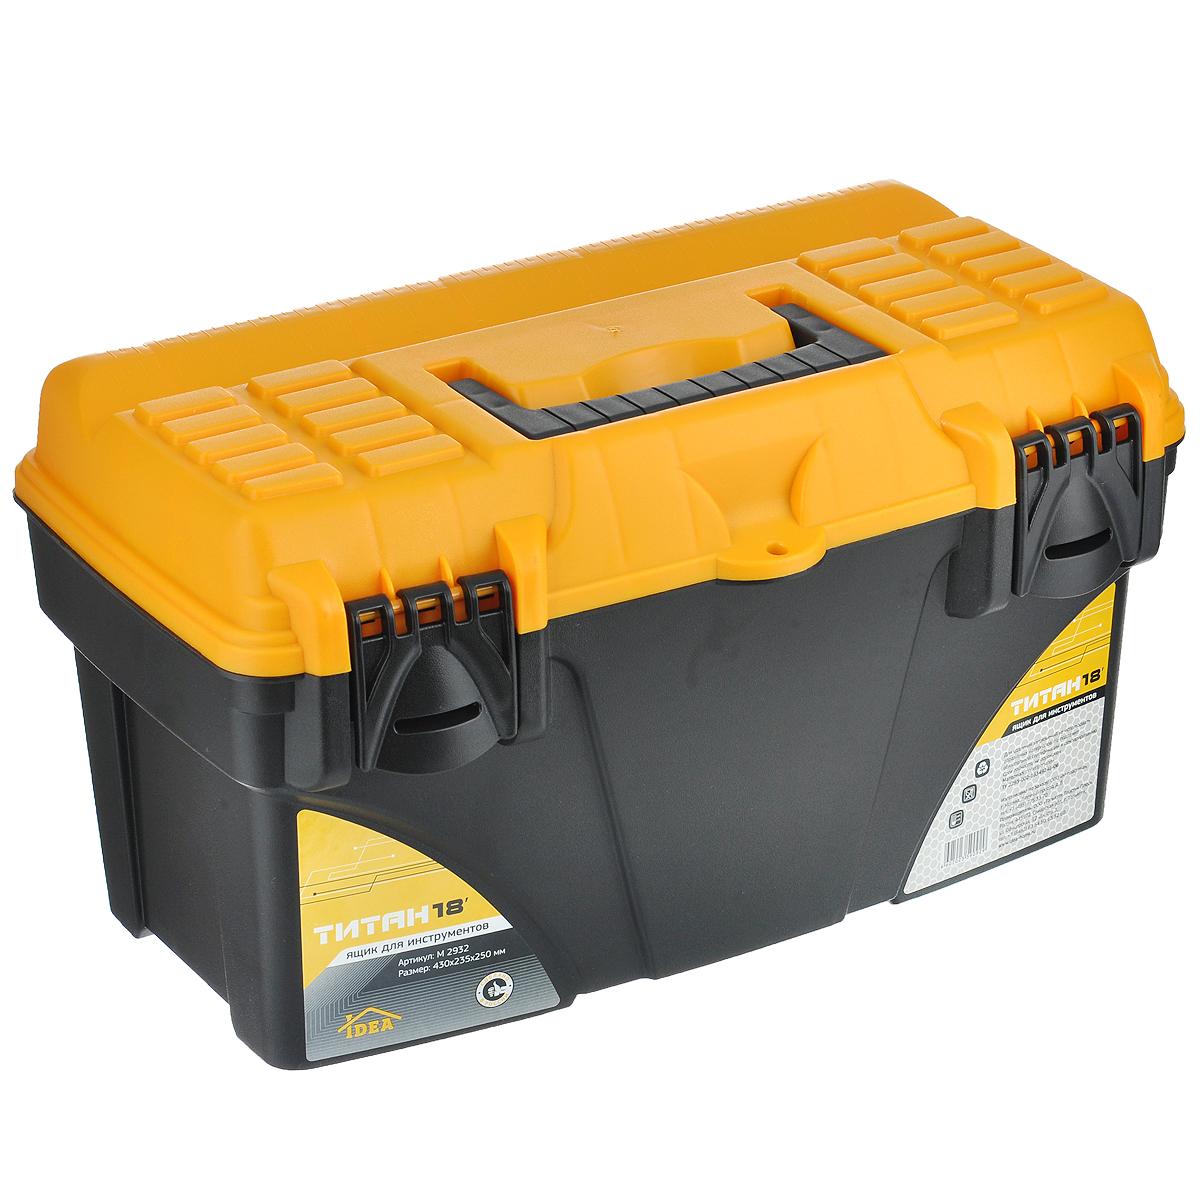 Ящик для инструментов Idea Титан 18, с органайзером, 43 x 23,5 x 25 см09014Ящик Idea Титан 18 изготовлен из прочного пластика и предназначен для хранения и переноски инструментов. Вместительный, внутри имеет большое главное отделение. Закрывается при помощи крепких защелок, которые не допускают случайного открывания. Для более комфортного переноса в руках, на крышке ящика предусмотрена удобная ручка. Крышка оснащена линейкой с измерительной шкалой в см и дюймах.